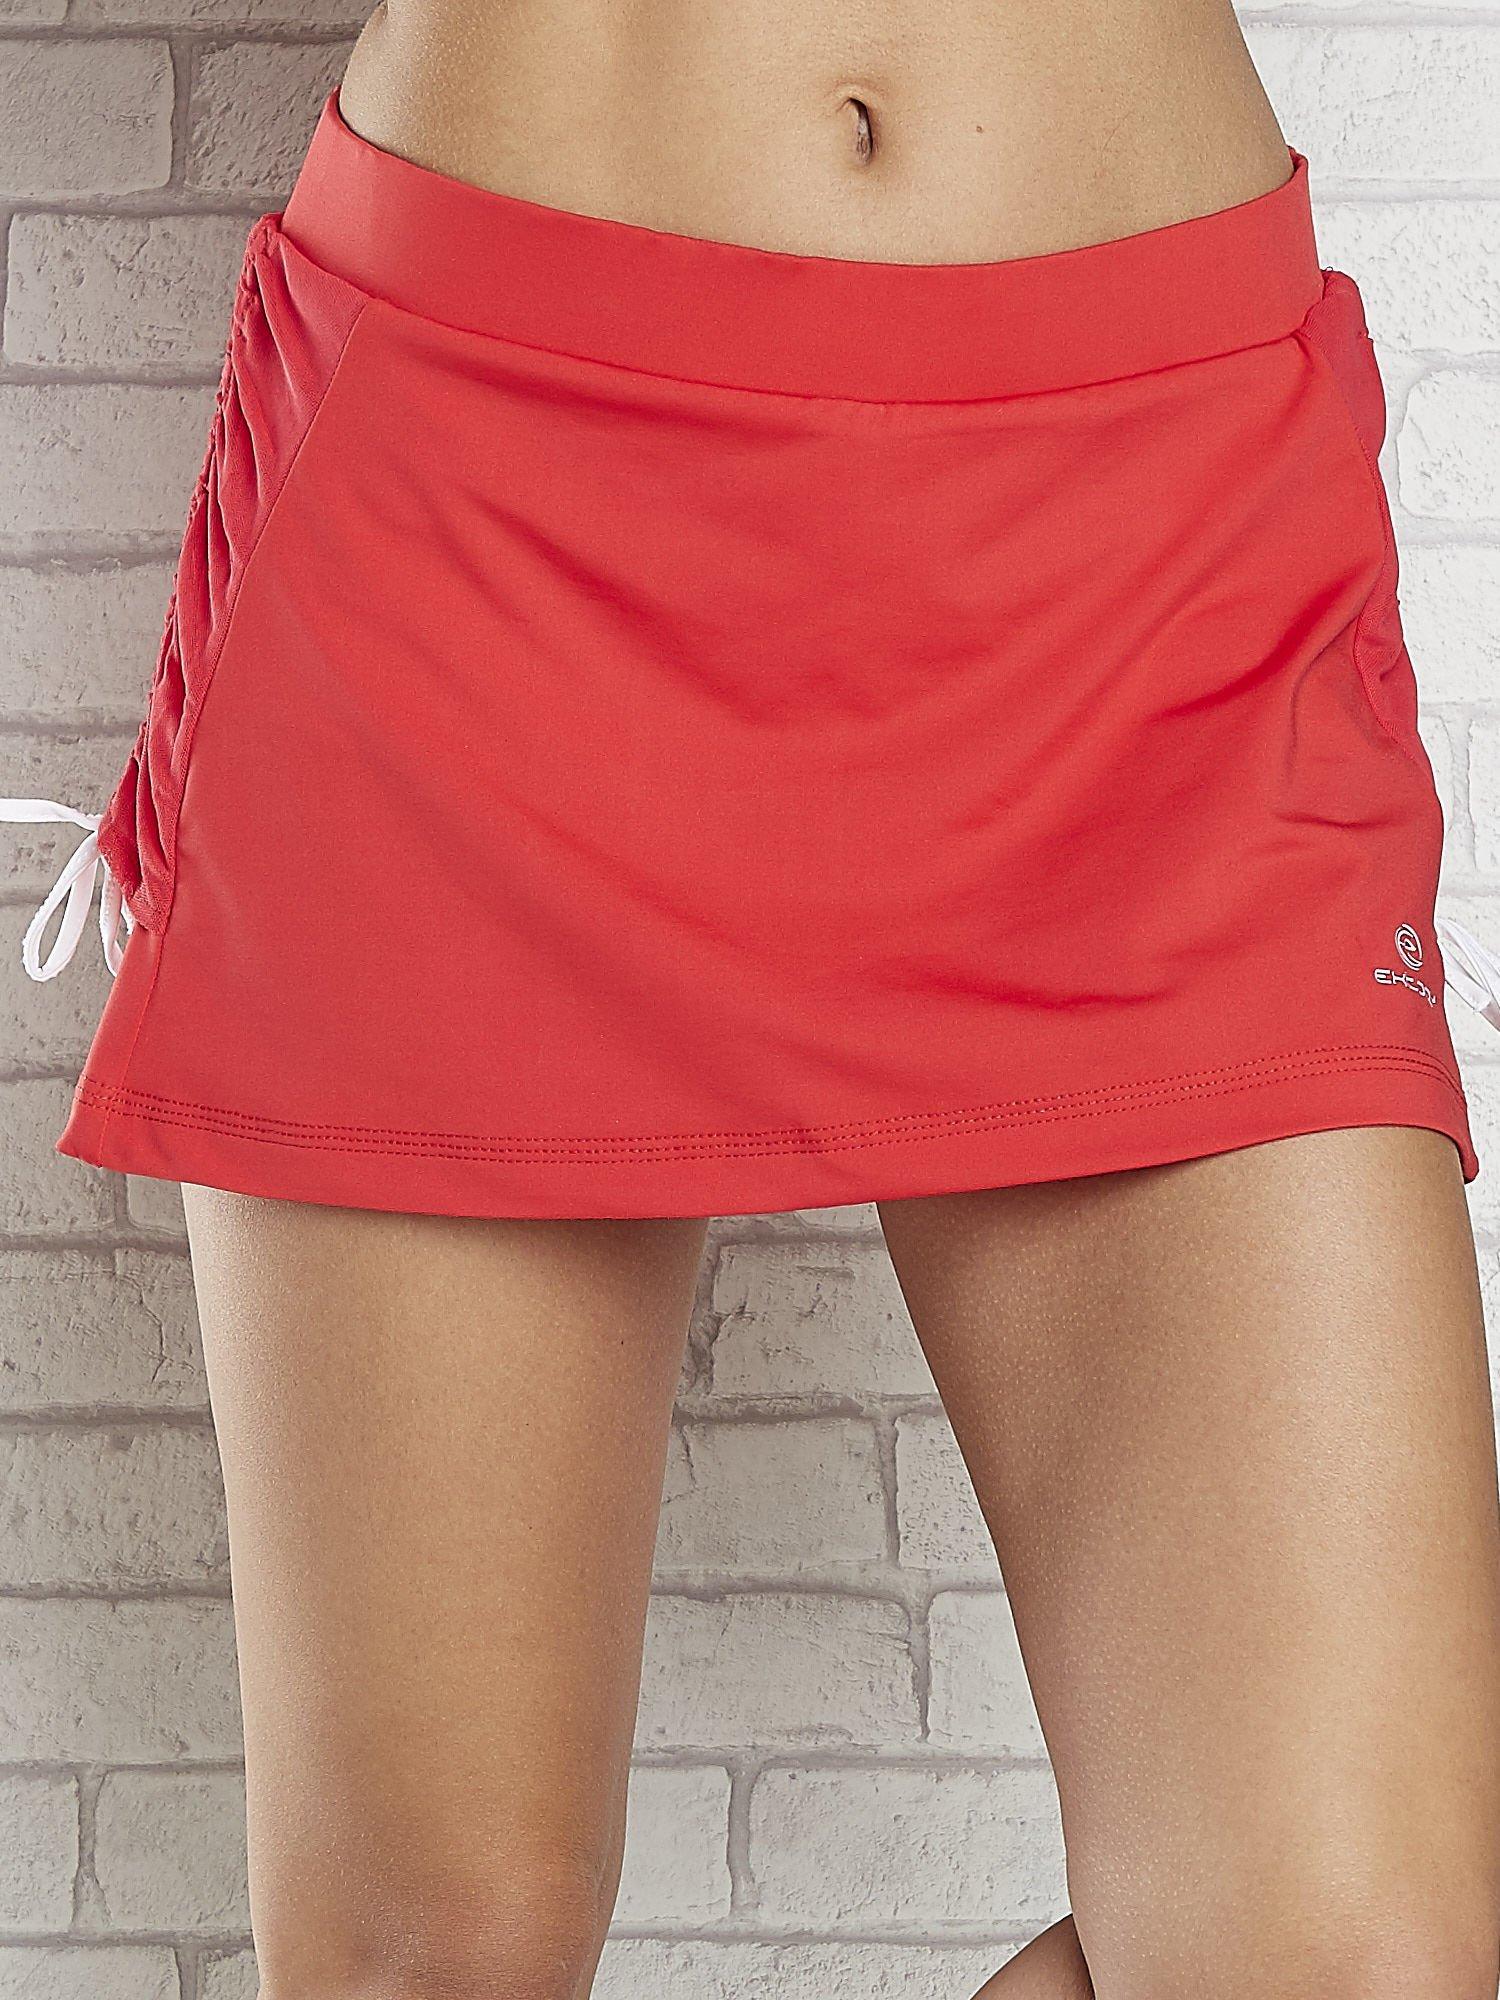 Czerwone spodenki spódniczka tenisowa z troczkami na bokach                                  zdj.                                  4